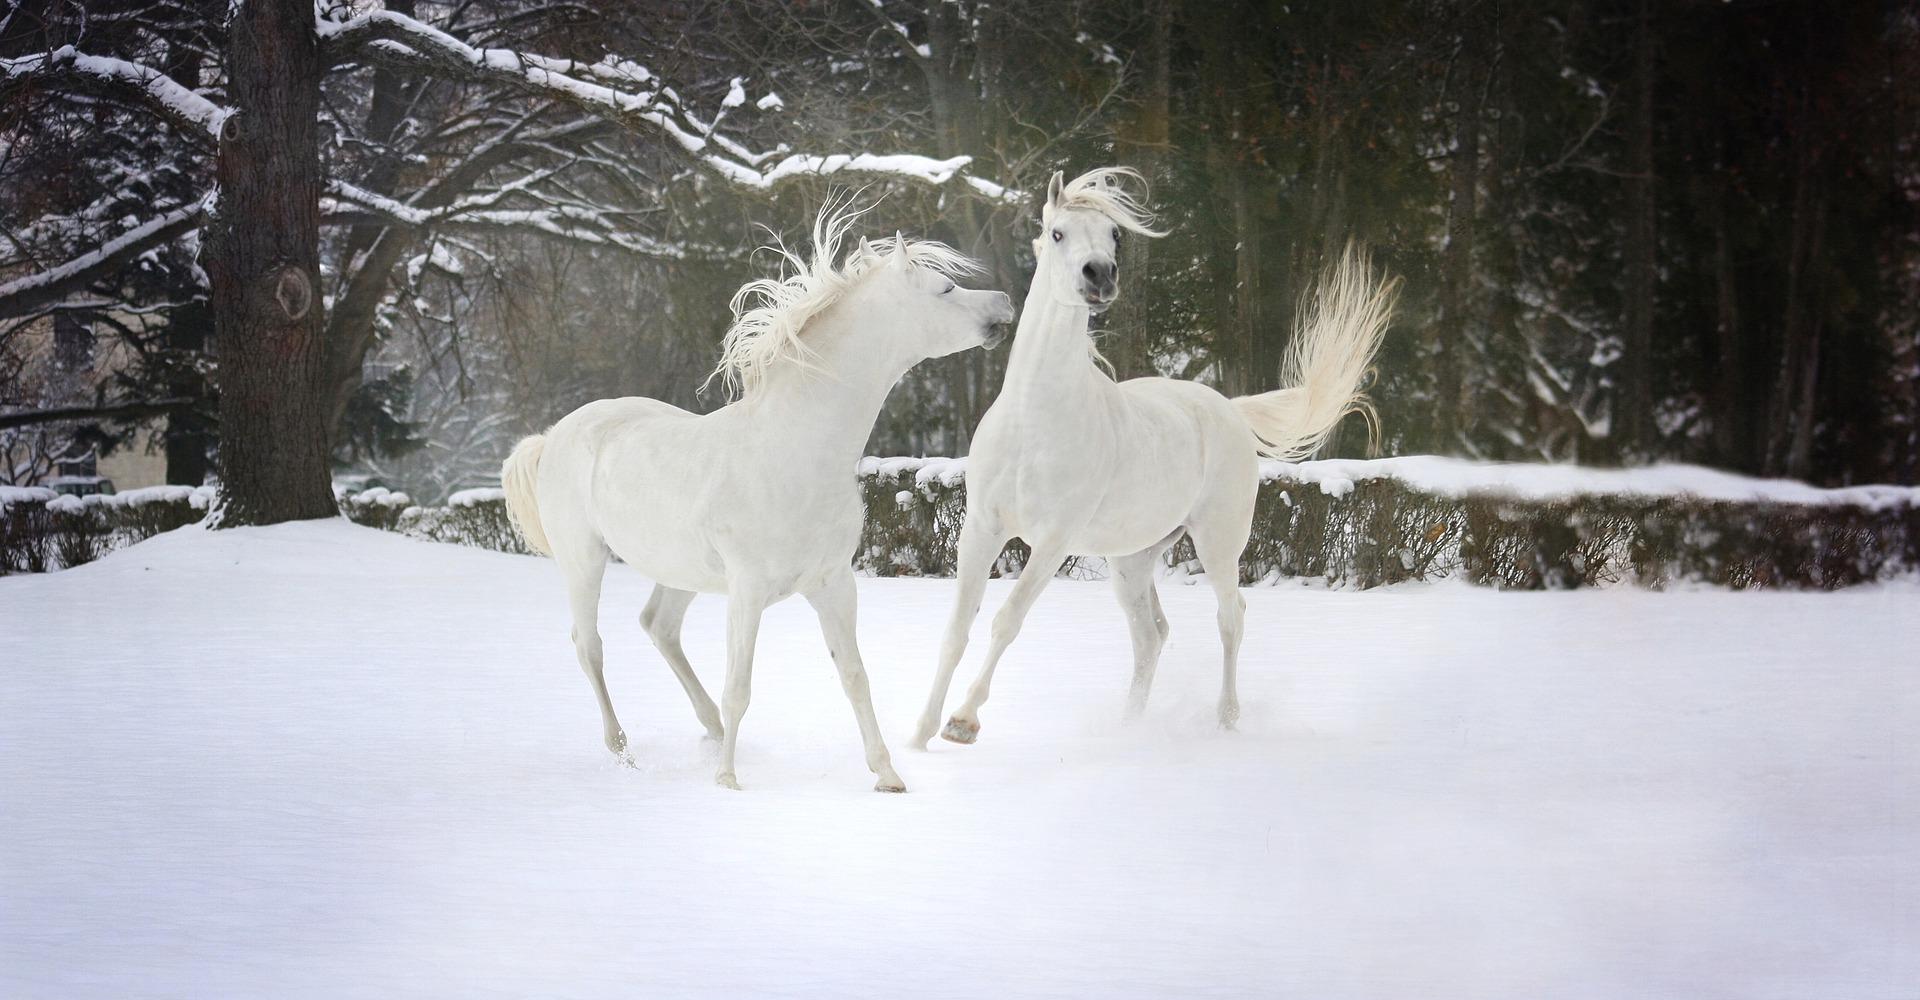 Entgegen der Wahrnehmung der meisten Besitzer junger Pferde ist der psychische Entwicklungsprozess eines Pferdes mit der Gewöhnung an Sattel und Trense im Alter von etwa zwei bis drei Jahren und dem Erlernen erster Zügel-, Schenkel- und Gewichtshilfen bei weitem noch nicht abgeschlossen. Vielmehr beginnt mit Ende des dritten, Anfang des vierten Lebensjahres eine Phase, die in etwa mit der Pubertät Jugendlicher zu vergleichen ist.